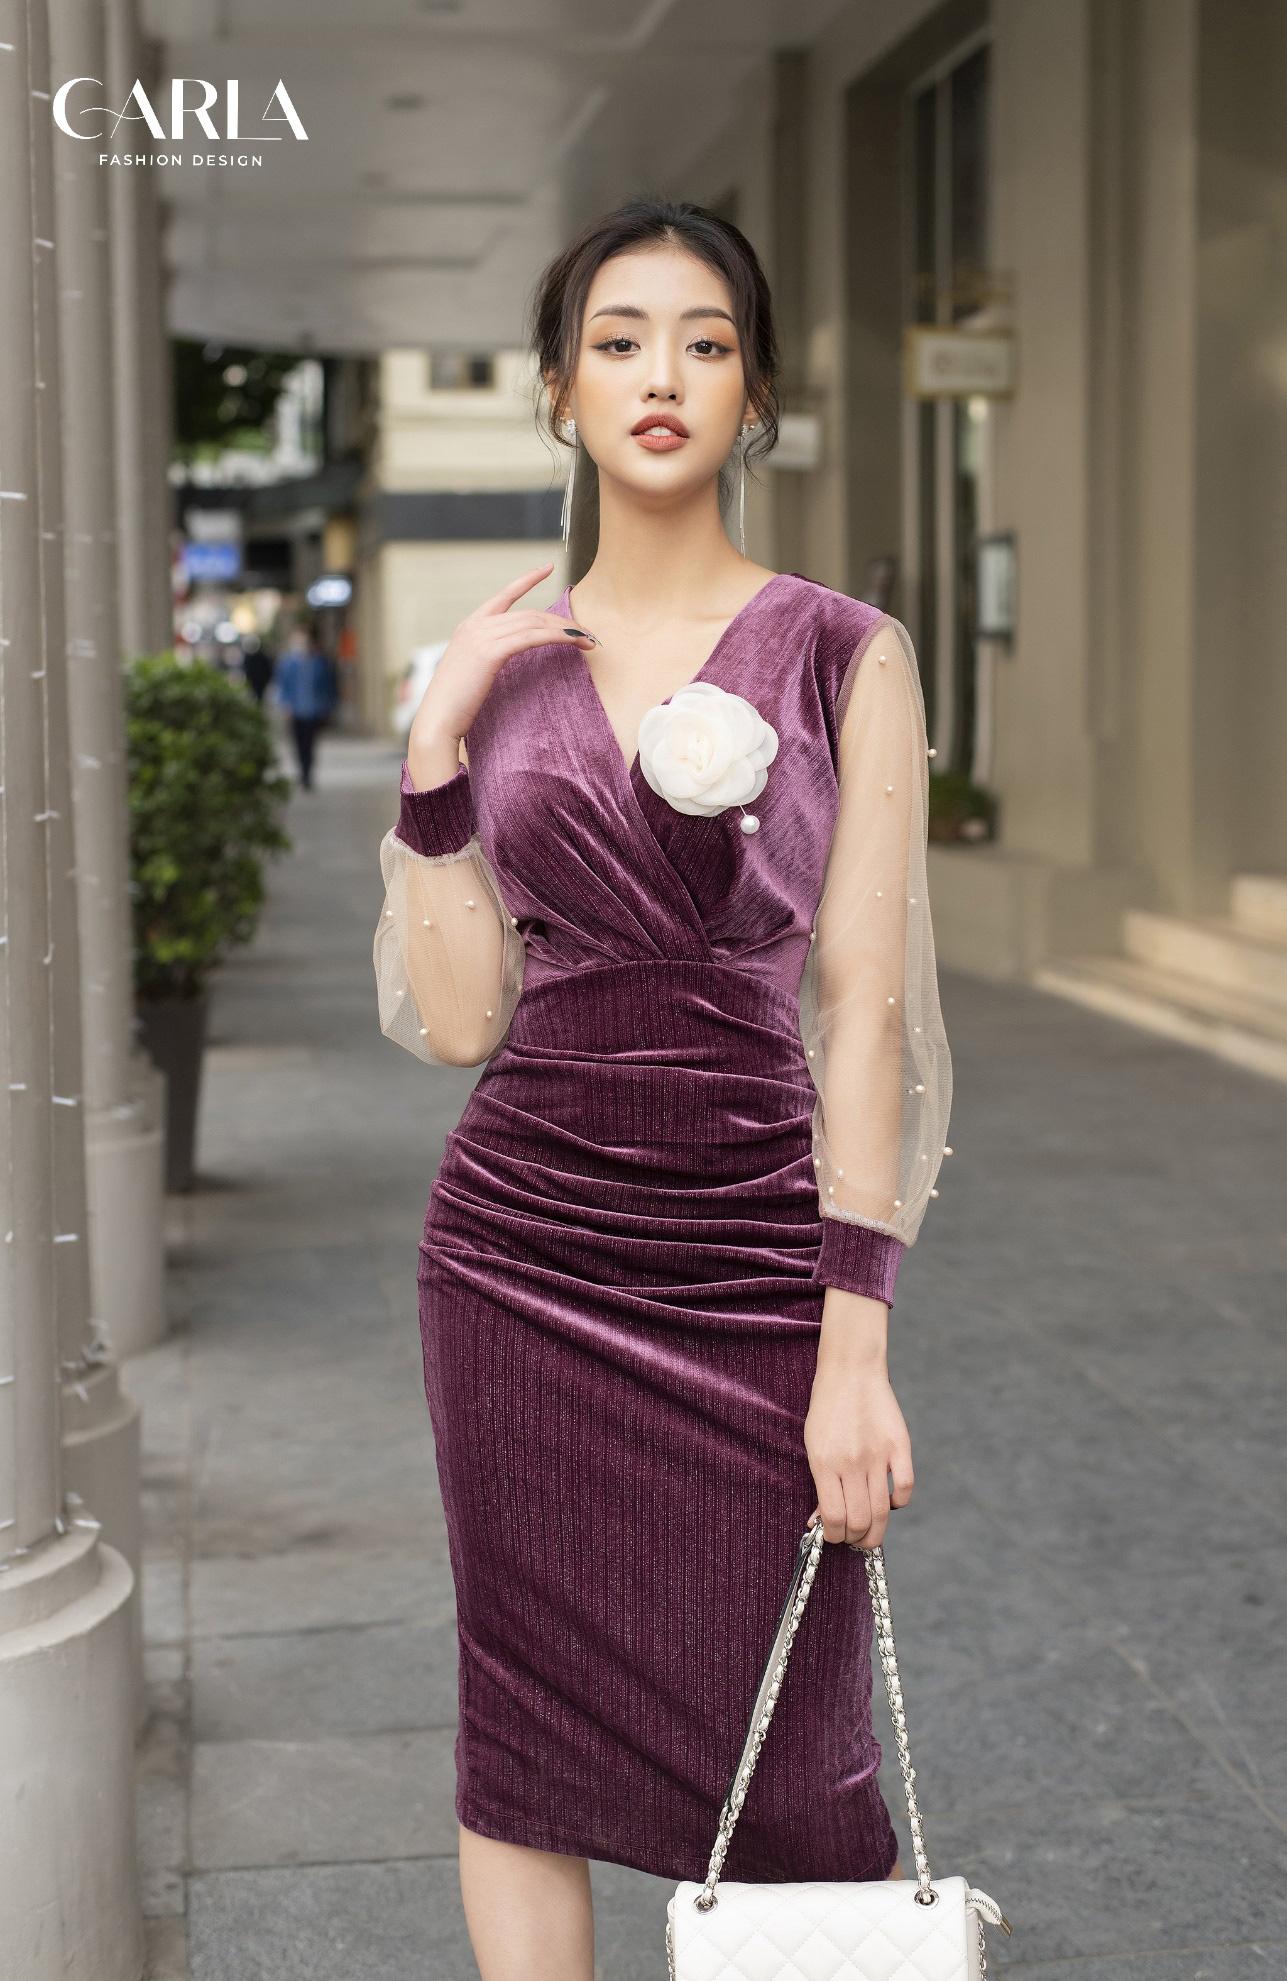 Carla Fashion tự tin chinh phục tín đồ thời trang - Ảnh 3.